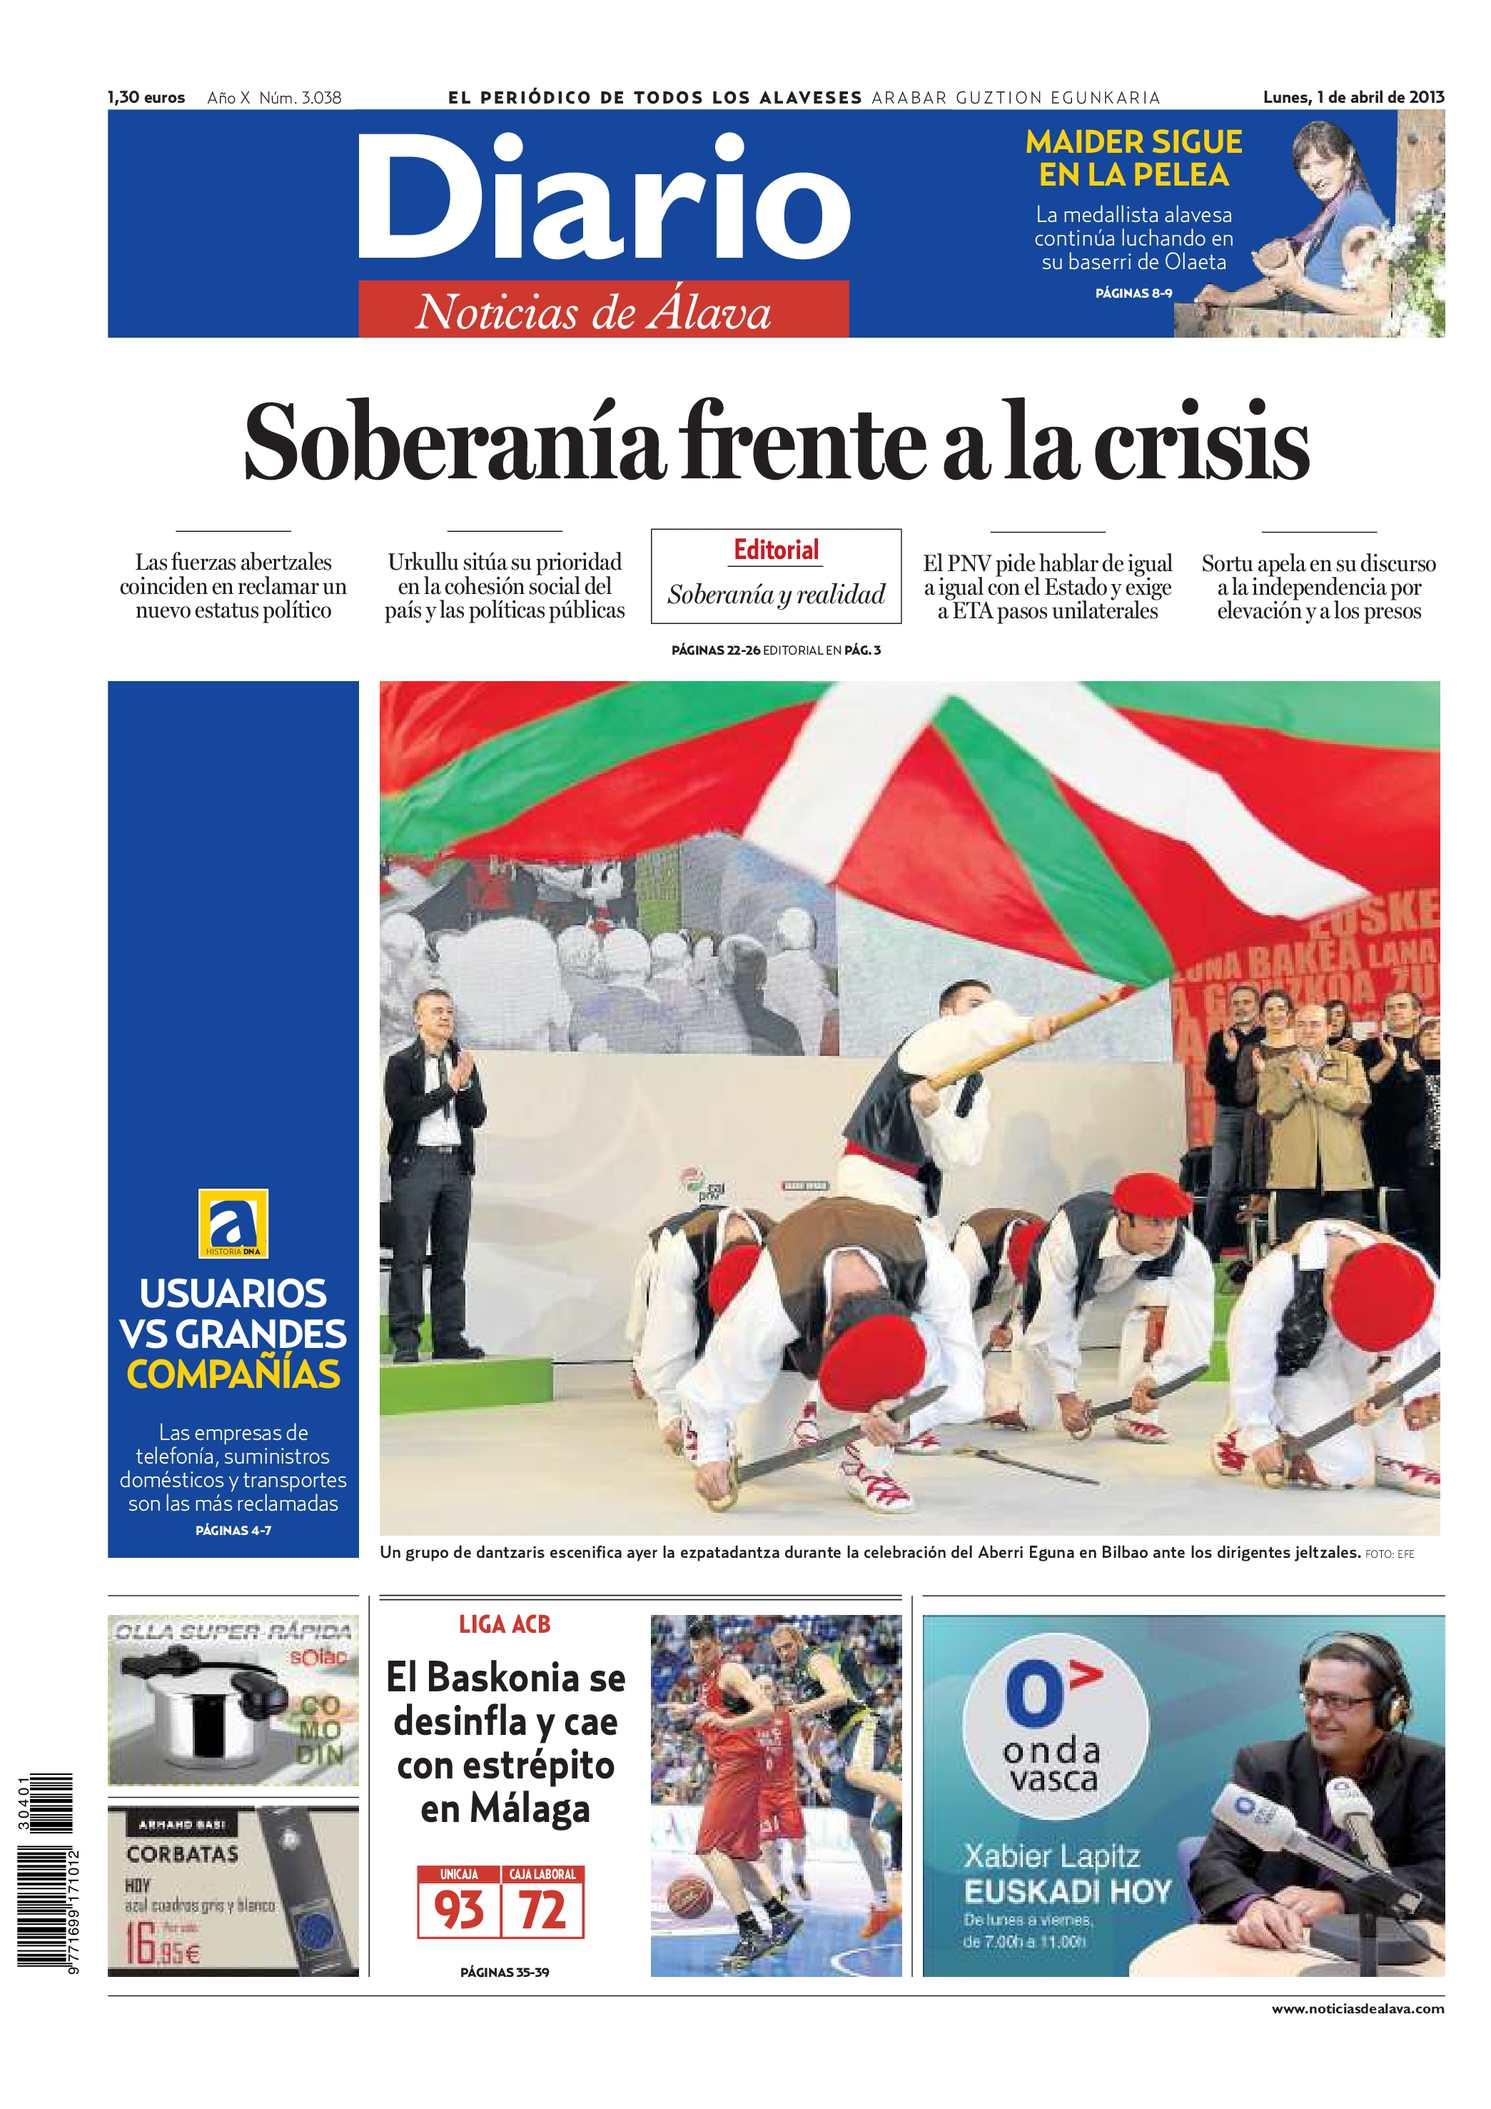 51 Peliculas Porno Hay Un Pinguino En El Ascensor calam�o - diario de noticias de �lava 20130401